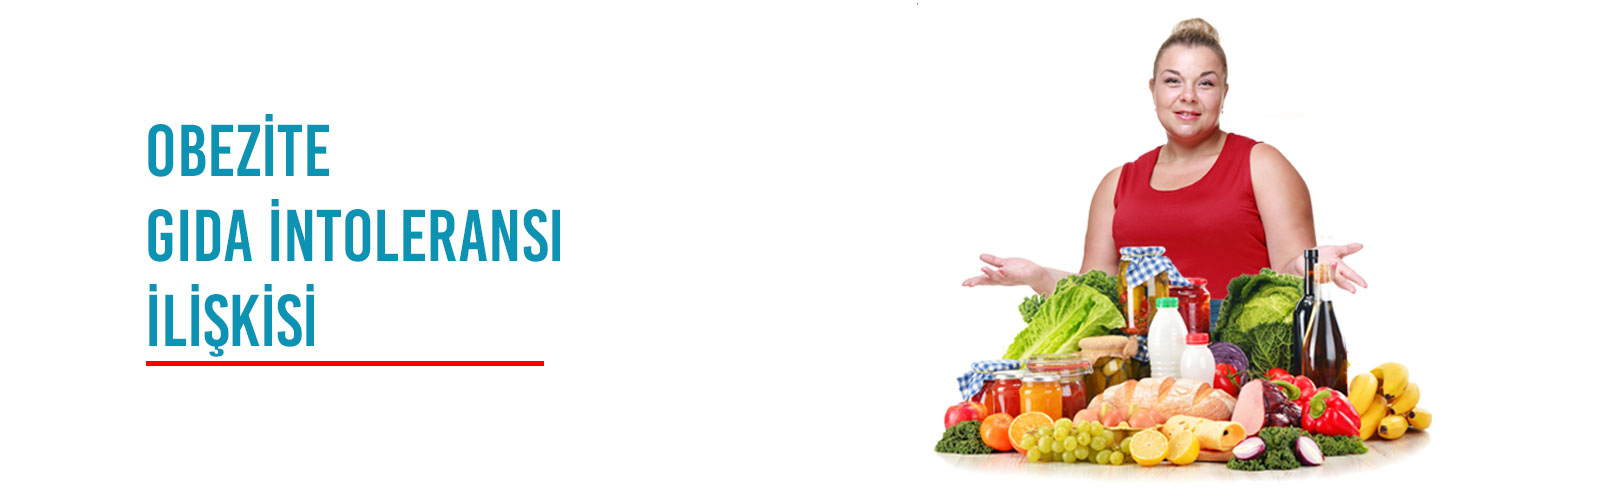 Obezite İçin Neler Yapılmalı: Obeziteye Bitkisel Çözüm